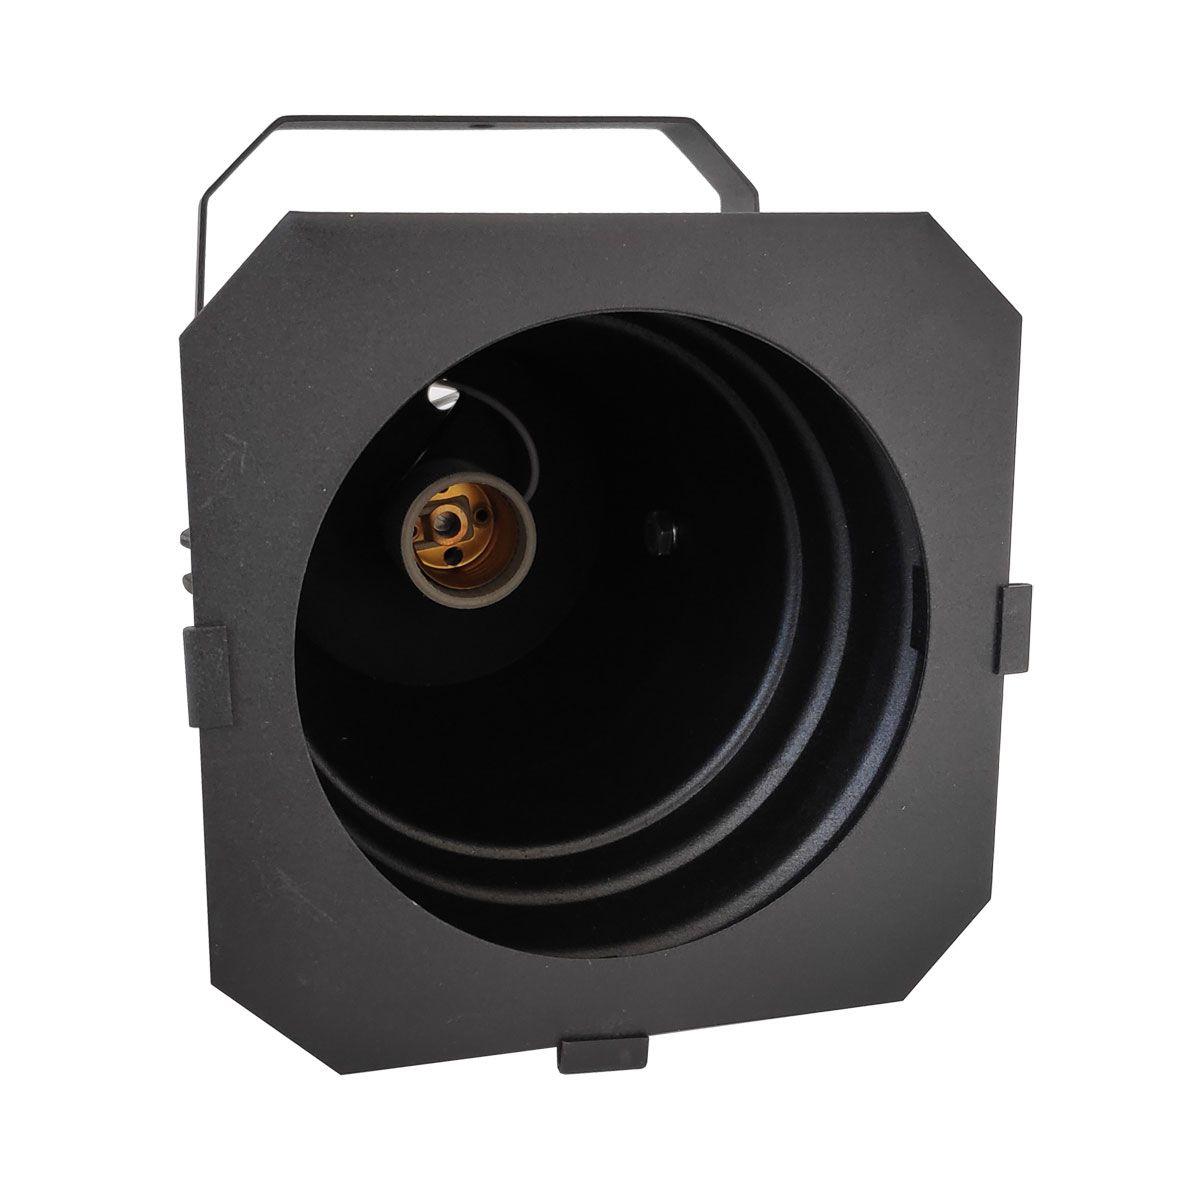 Spot Cênico Projetor Canhão Par38 Preto Com Haste E Porta Gelatina